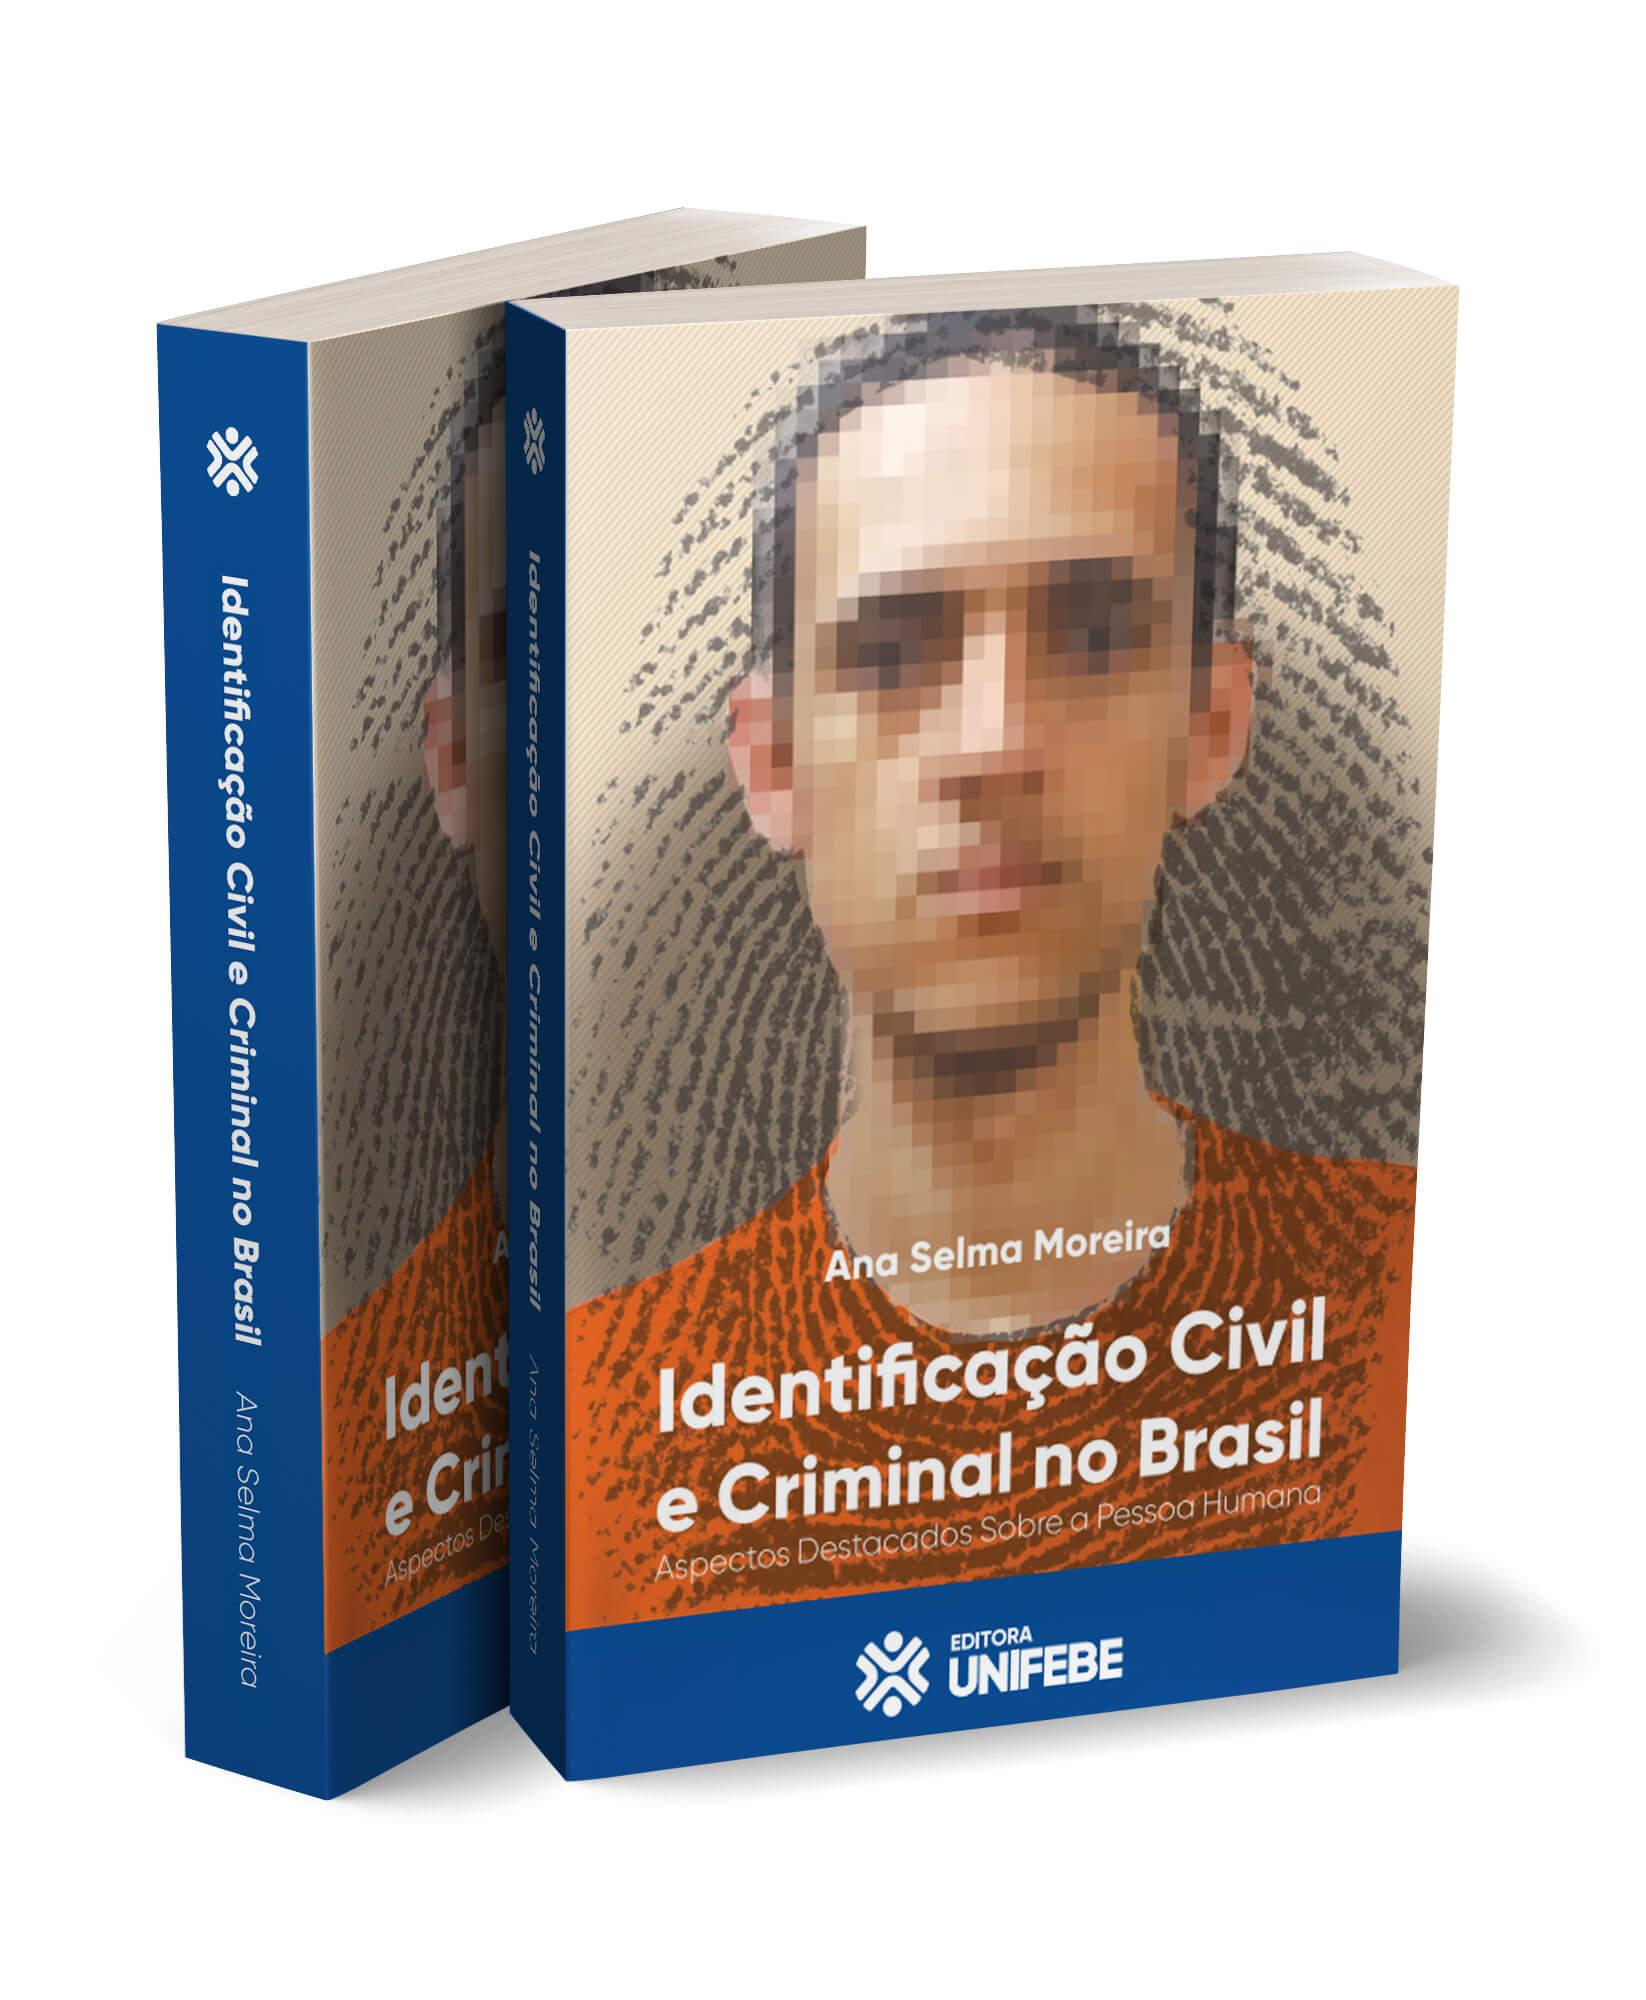 identificação civil e criminal no brasil